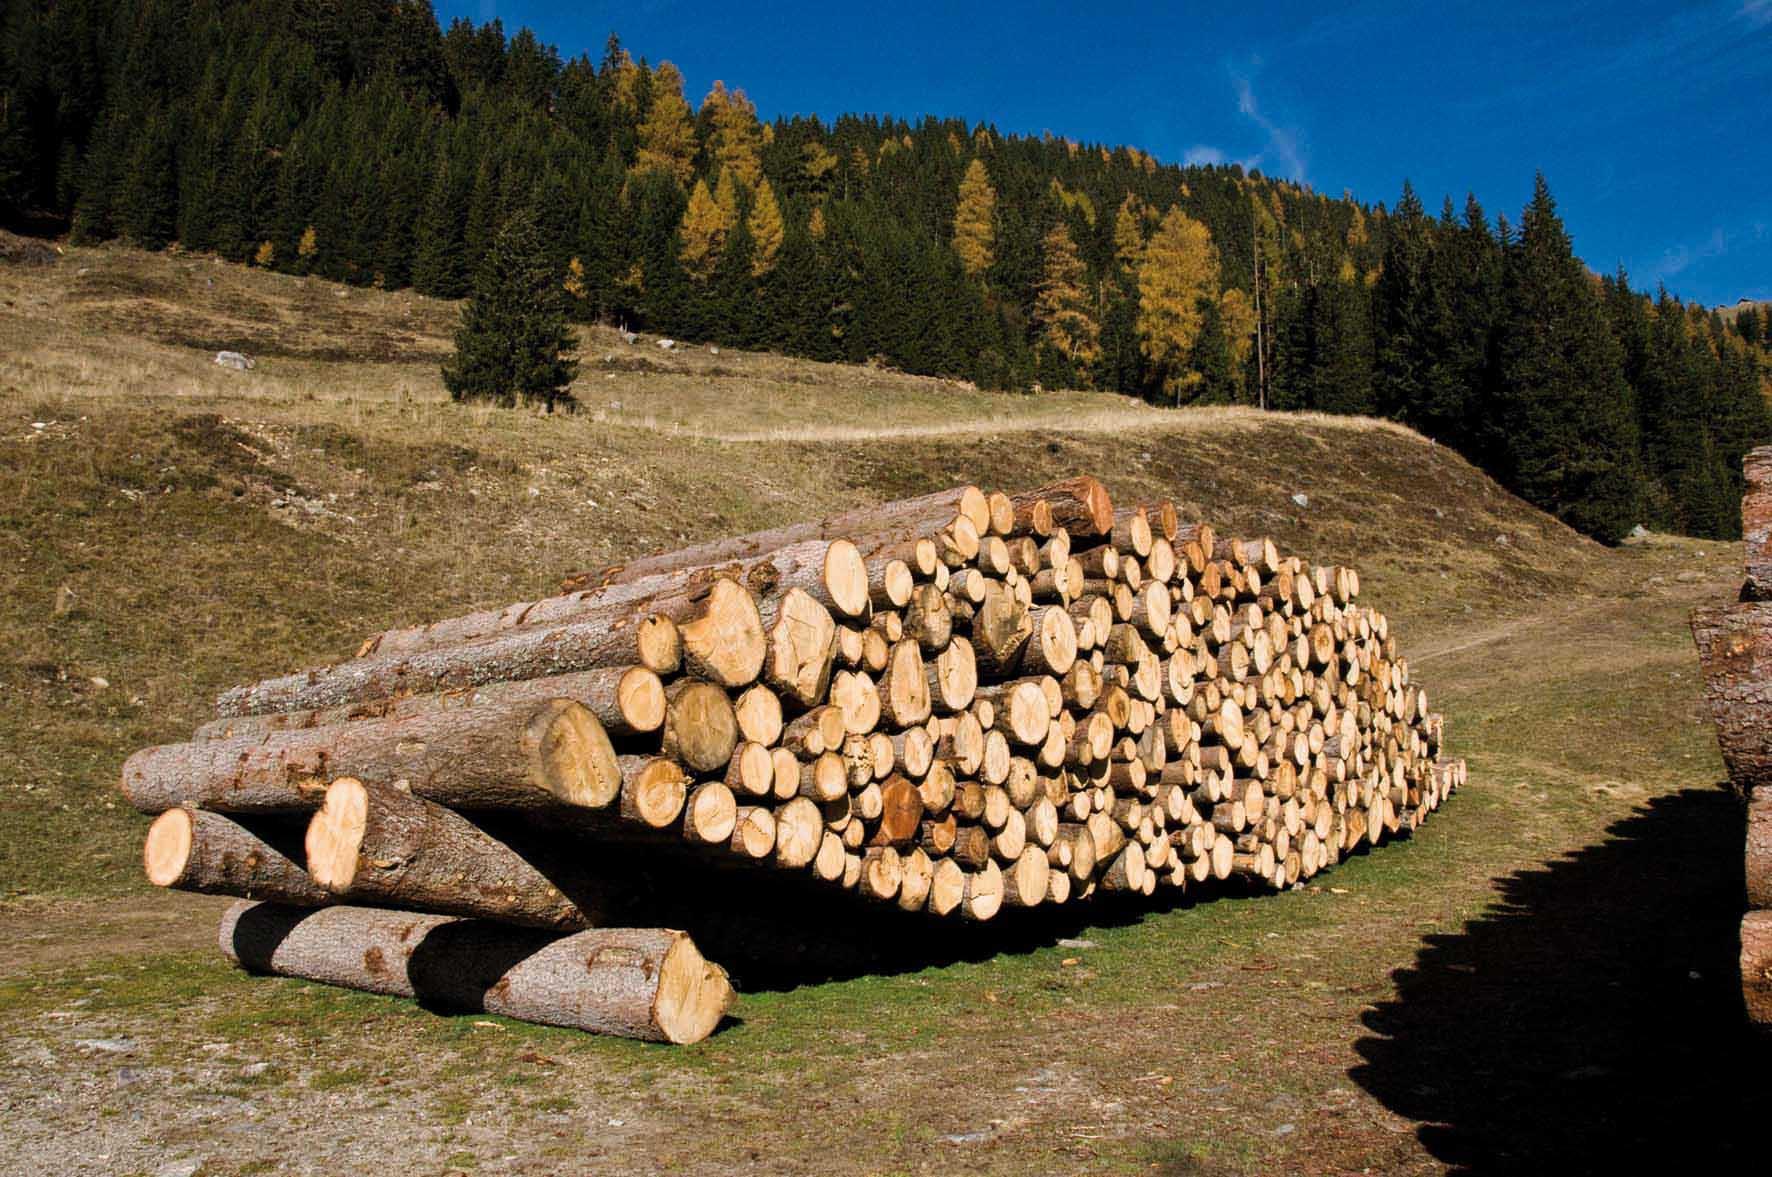 legno Lagorai val campelle novembre 2009 tronchi tagliati 1